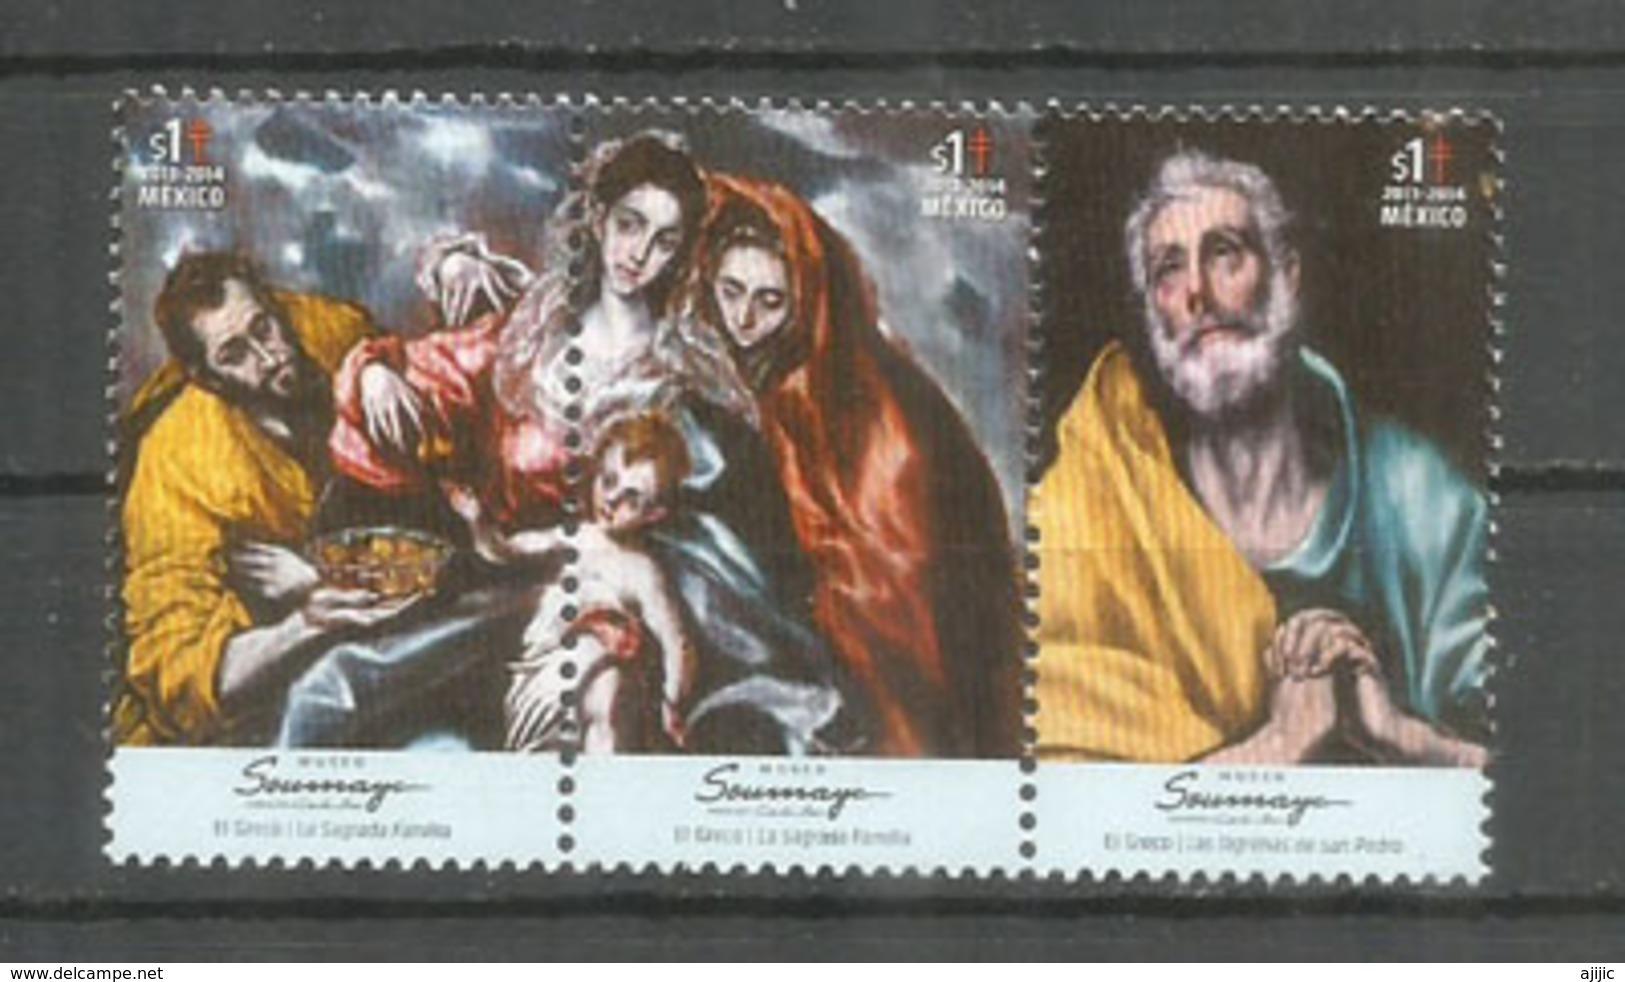 MEXIQUE. La Sainte Famille & Les Larmes De St Pierre. Tableaux De El Greco. 3 Timbres Neufs ** Se-tenant - Christianisme